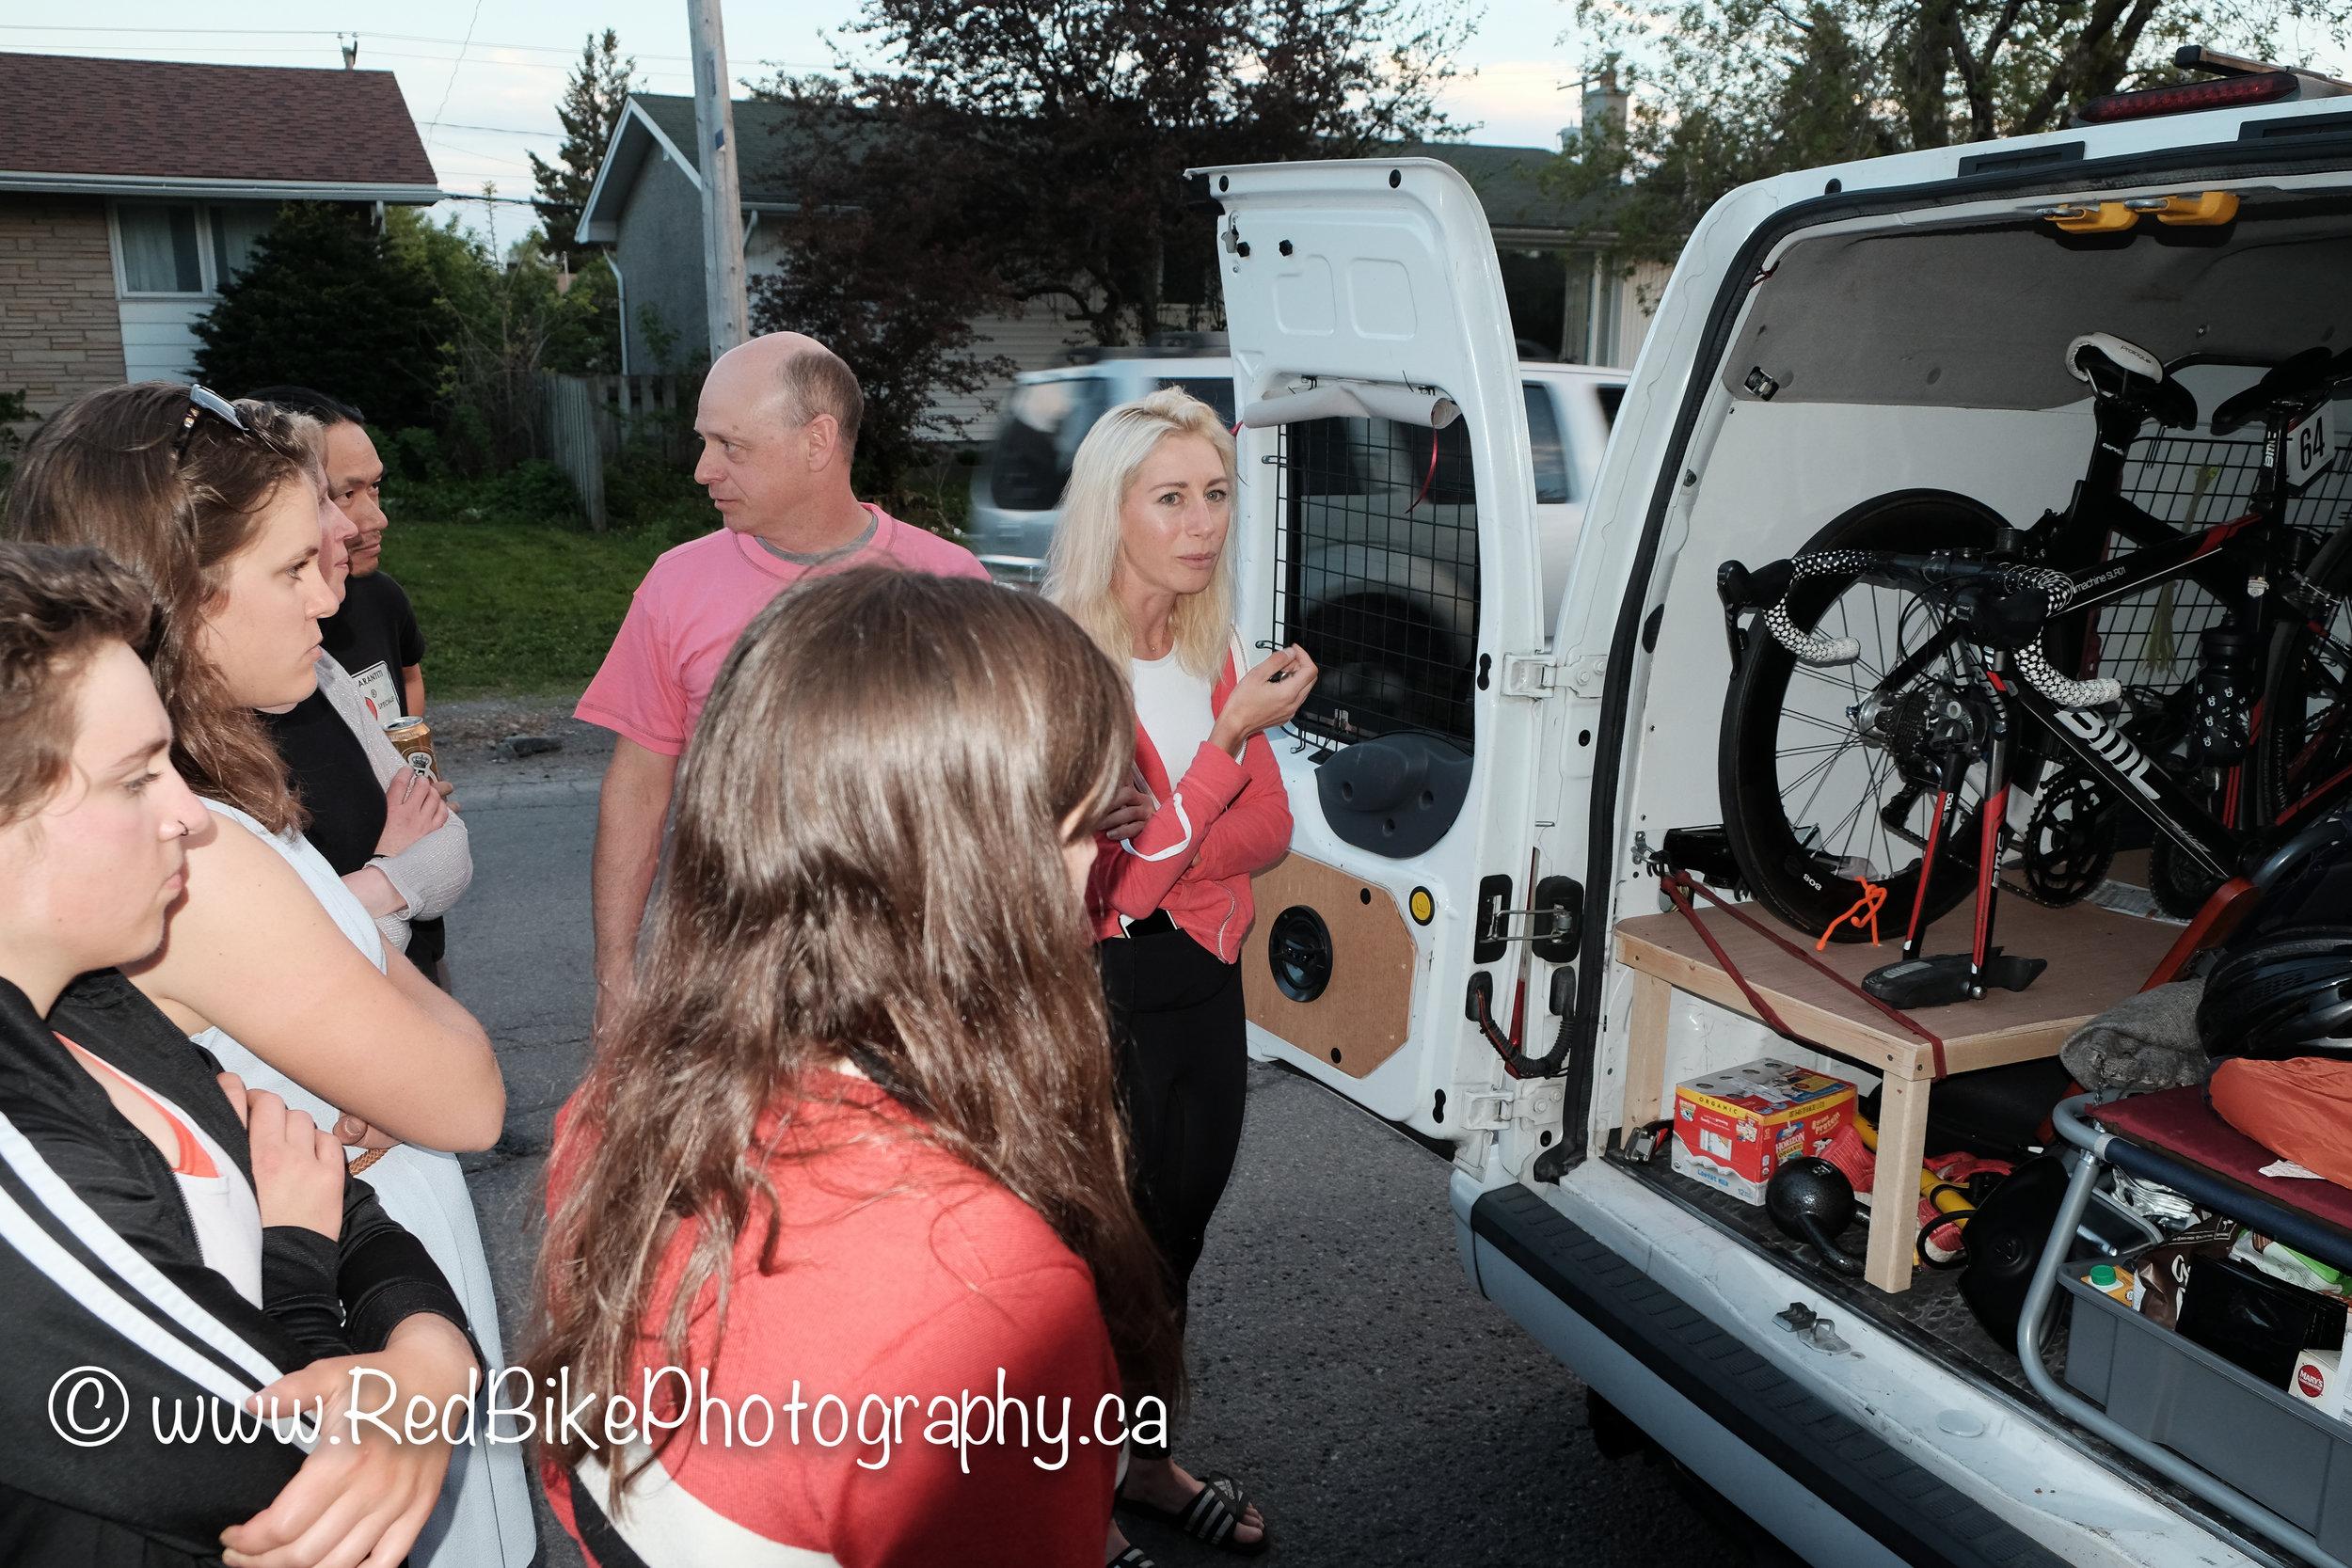 Giving a van tour